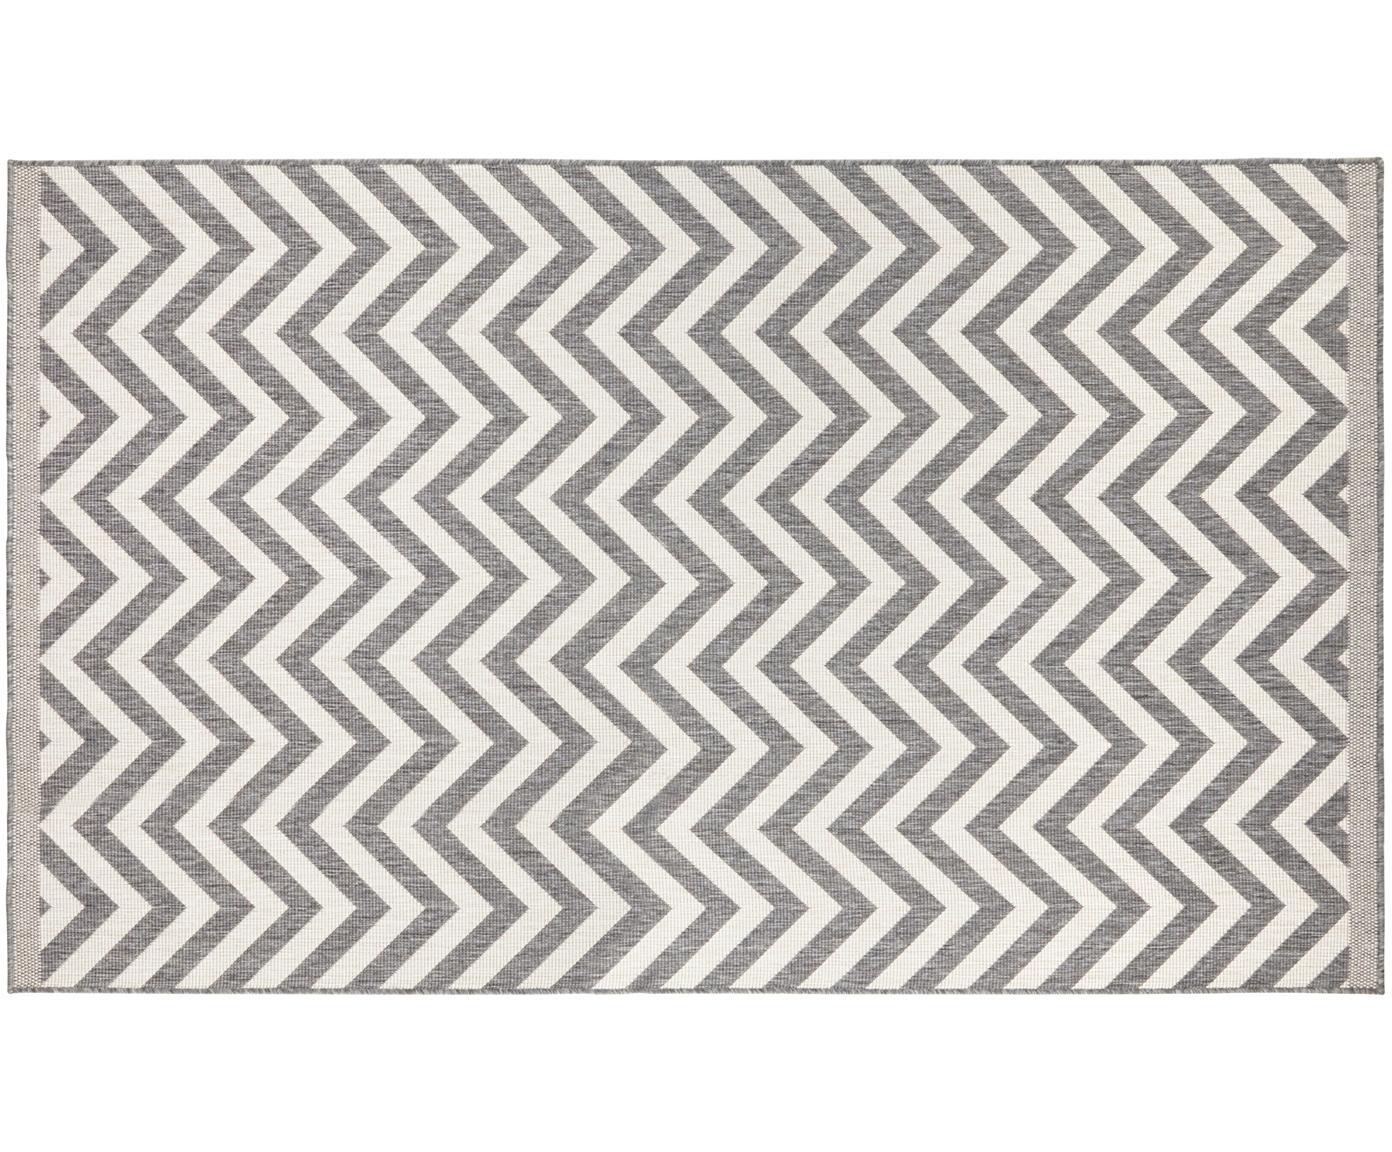 Tappeto reversibile da interno-esterno Palma, Grigio, crema, Larg. 80 x Lung. 150 cm (taglia XS)